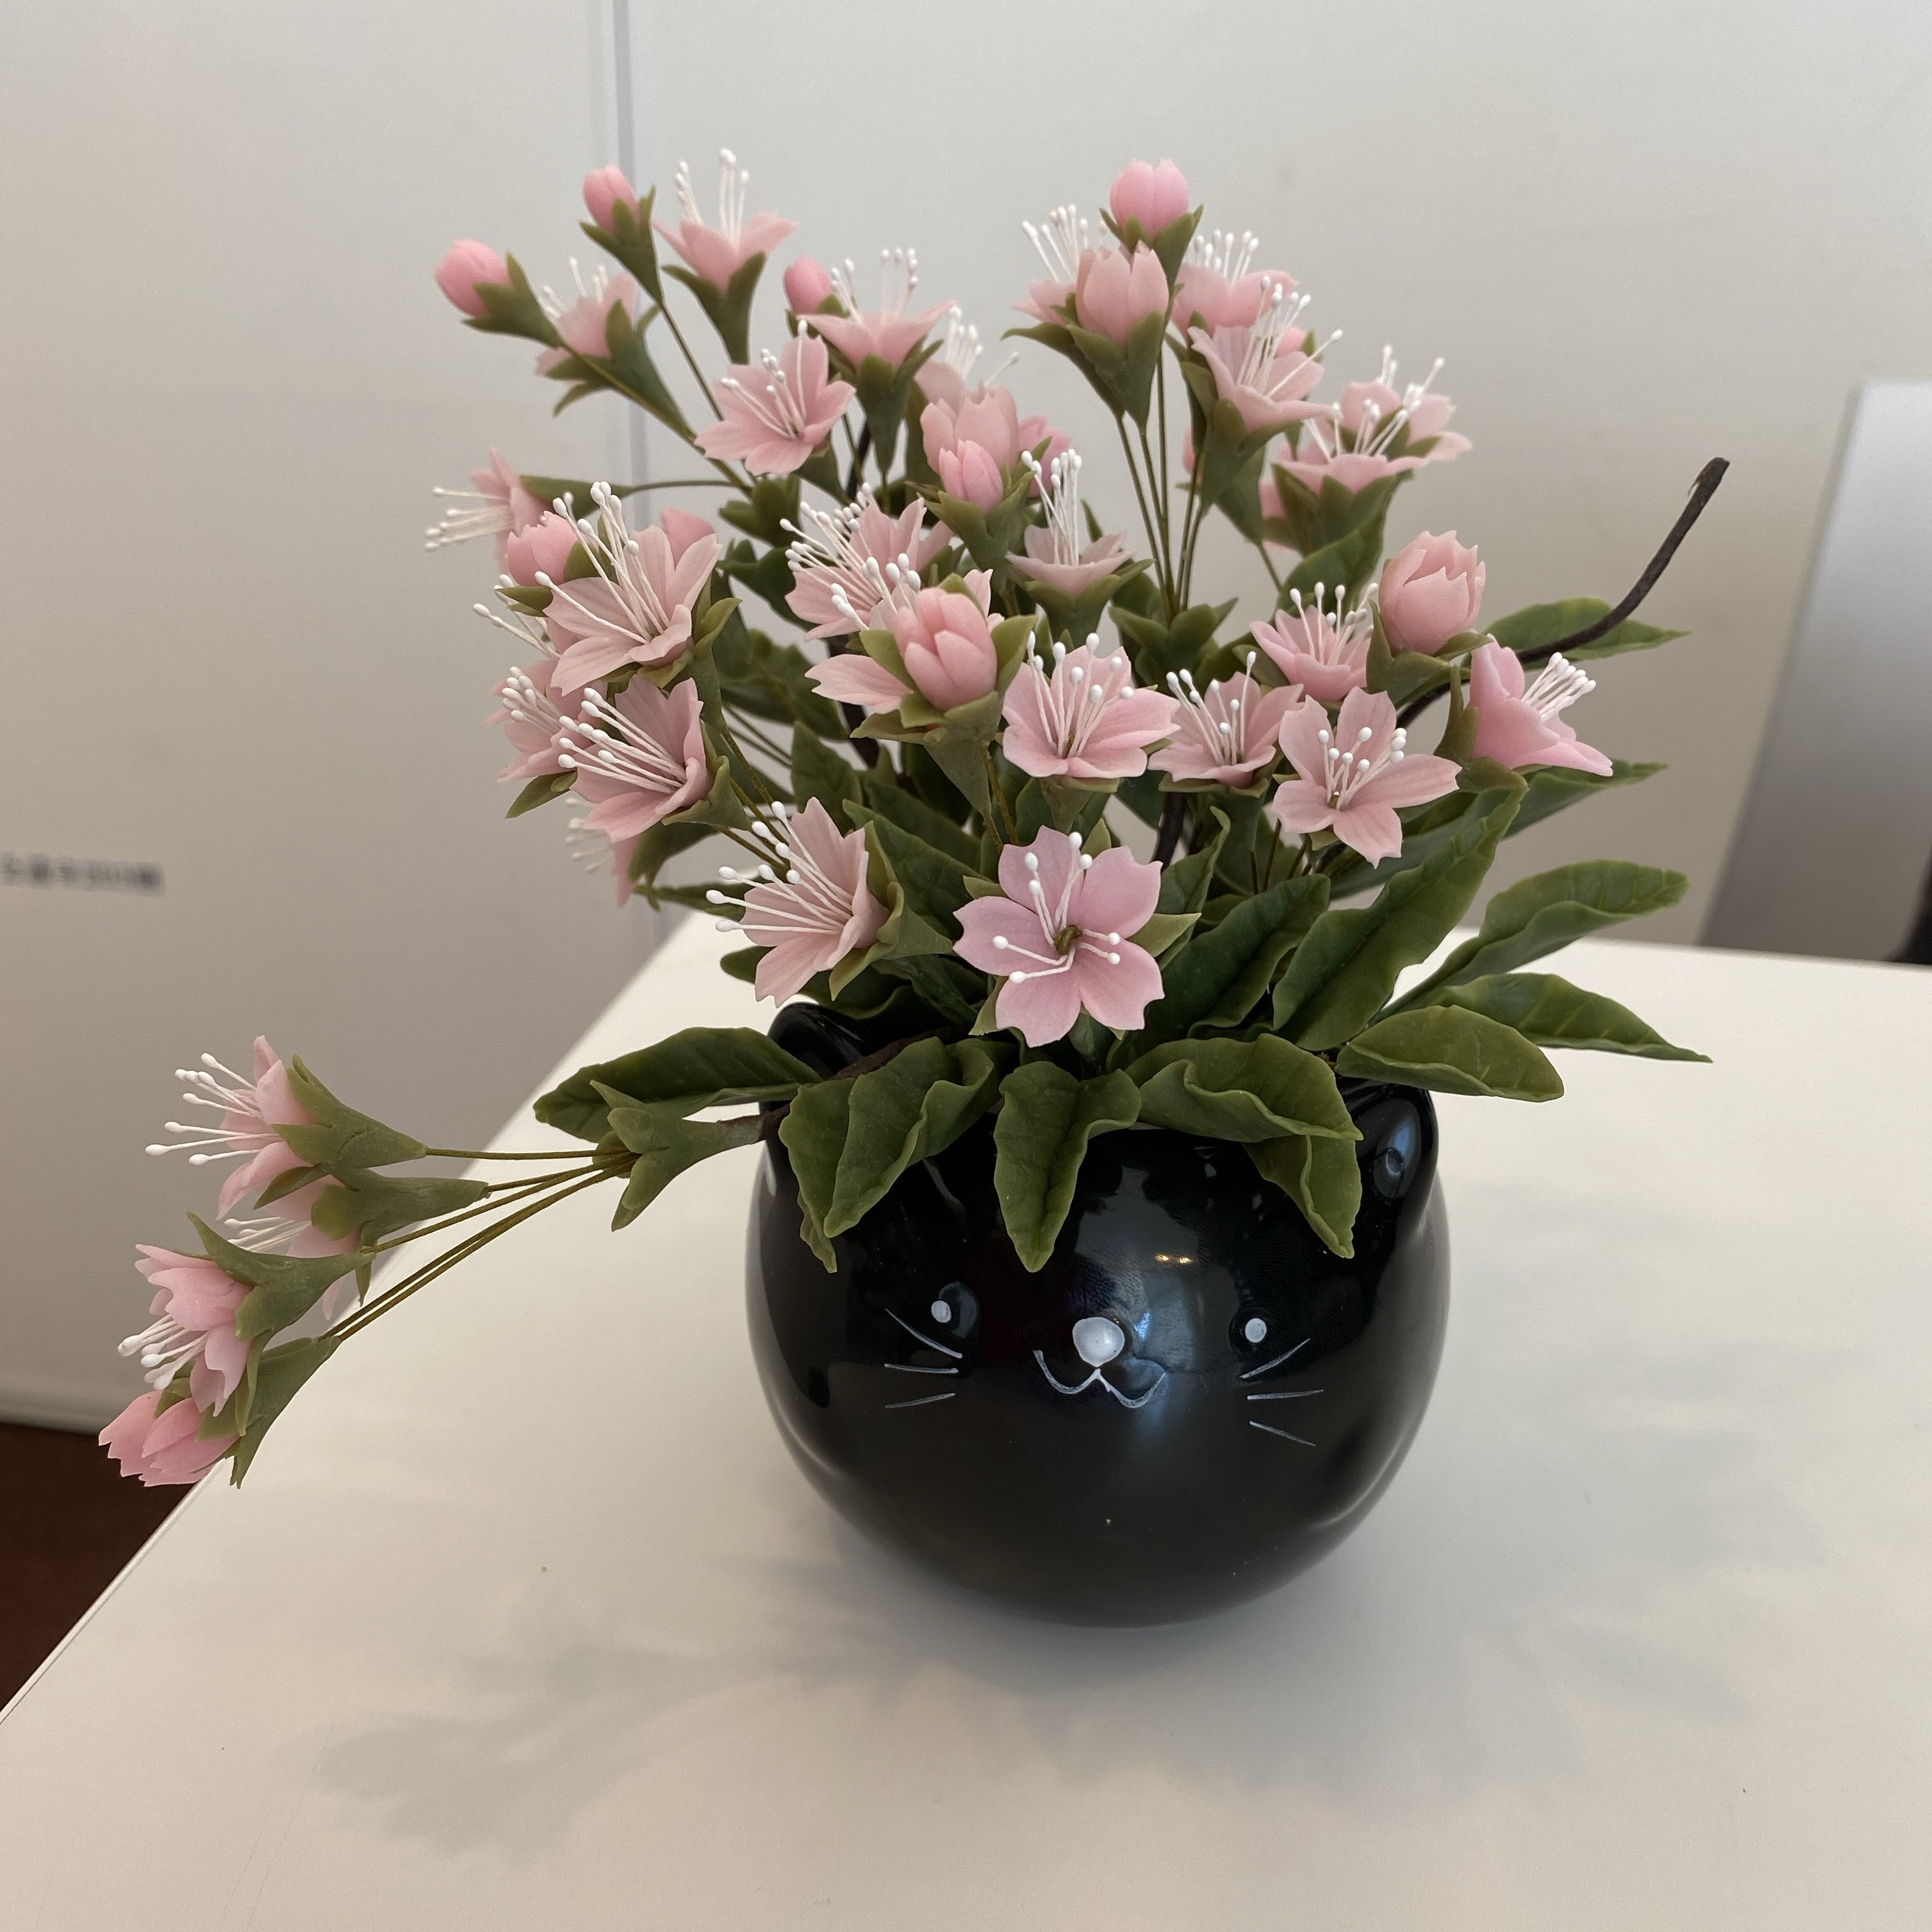 ハンドメイド/クレイフラワー(粘土で作ったお花)/サクラ